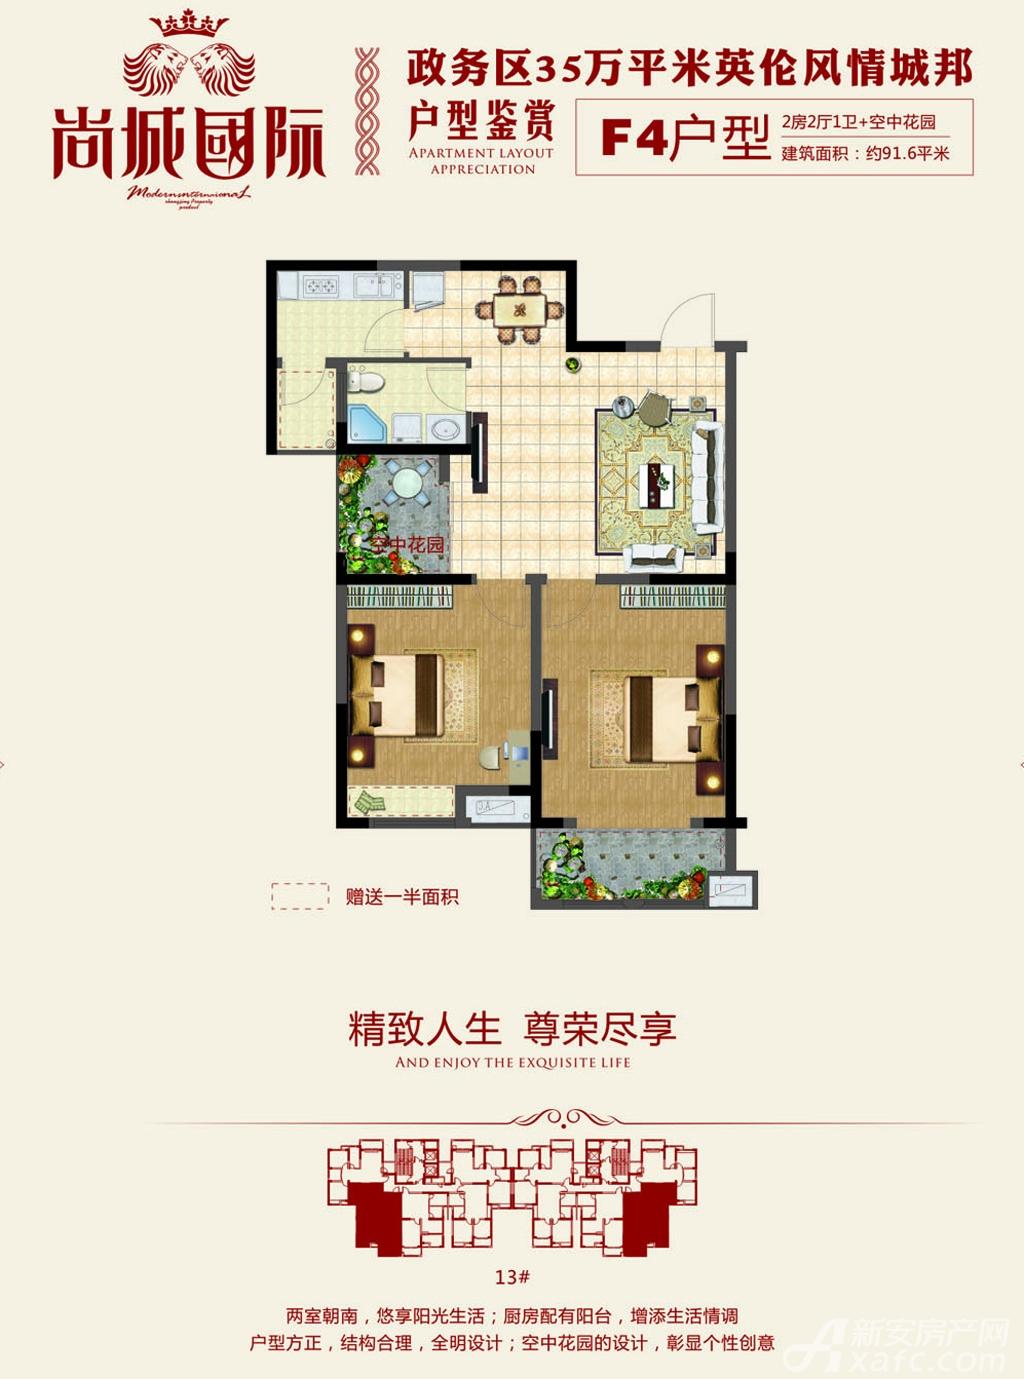 胜锦尚城国际F4户型2室2厅91.6平米